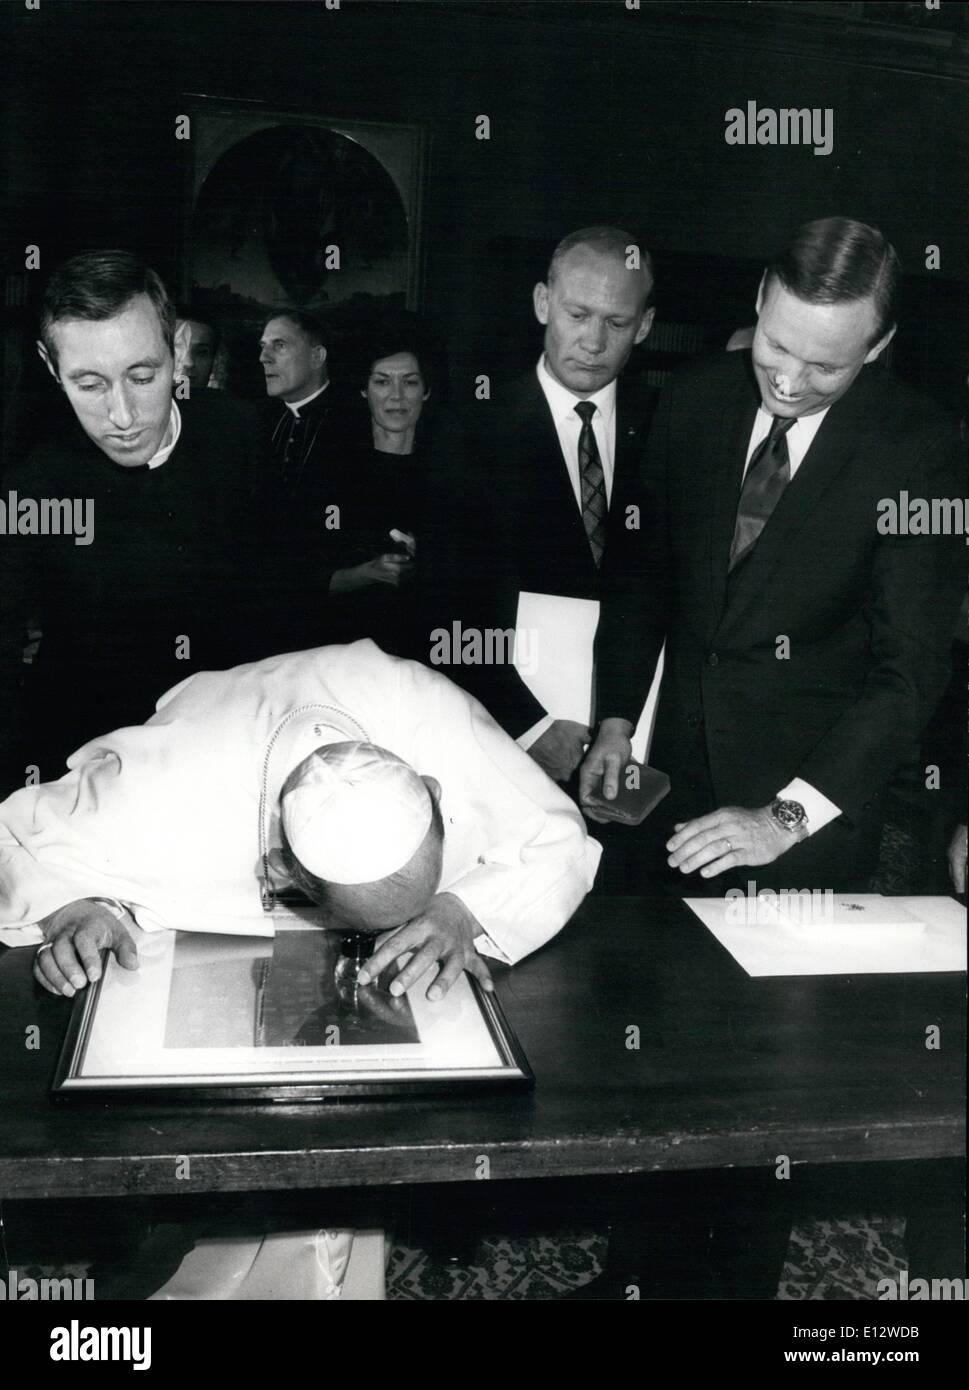 26. Februar 2012 - der Besuch des amerikanischen Raumfahrer in Rom, Neil Armstrong, Edwin Aldrin und Michael Collins, wurde der Spaceman von Apollo XI von Papst Paul VI, im Vatikan empfangen. OPS: Papst Paul VI. mit einem Objektiv der Mond Karte ansehen. Stockbild